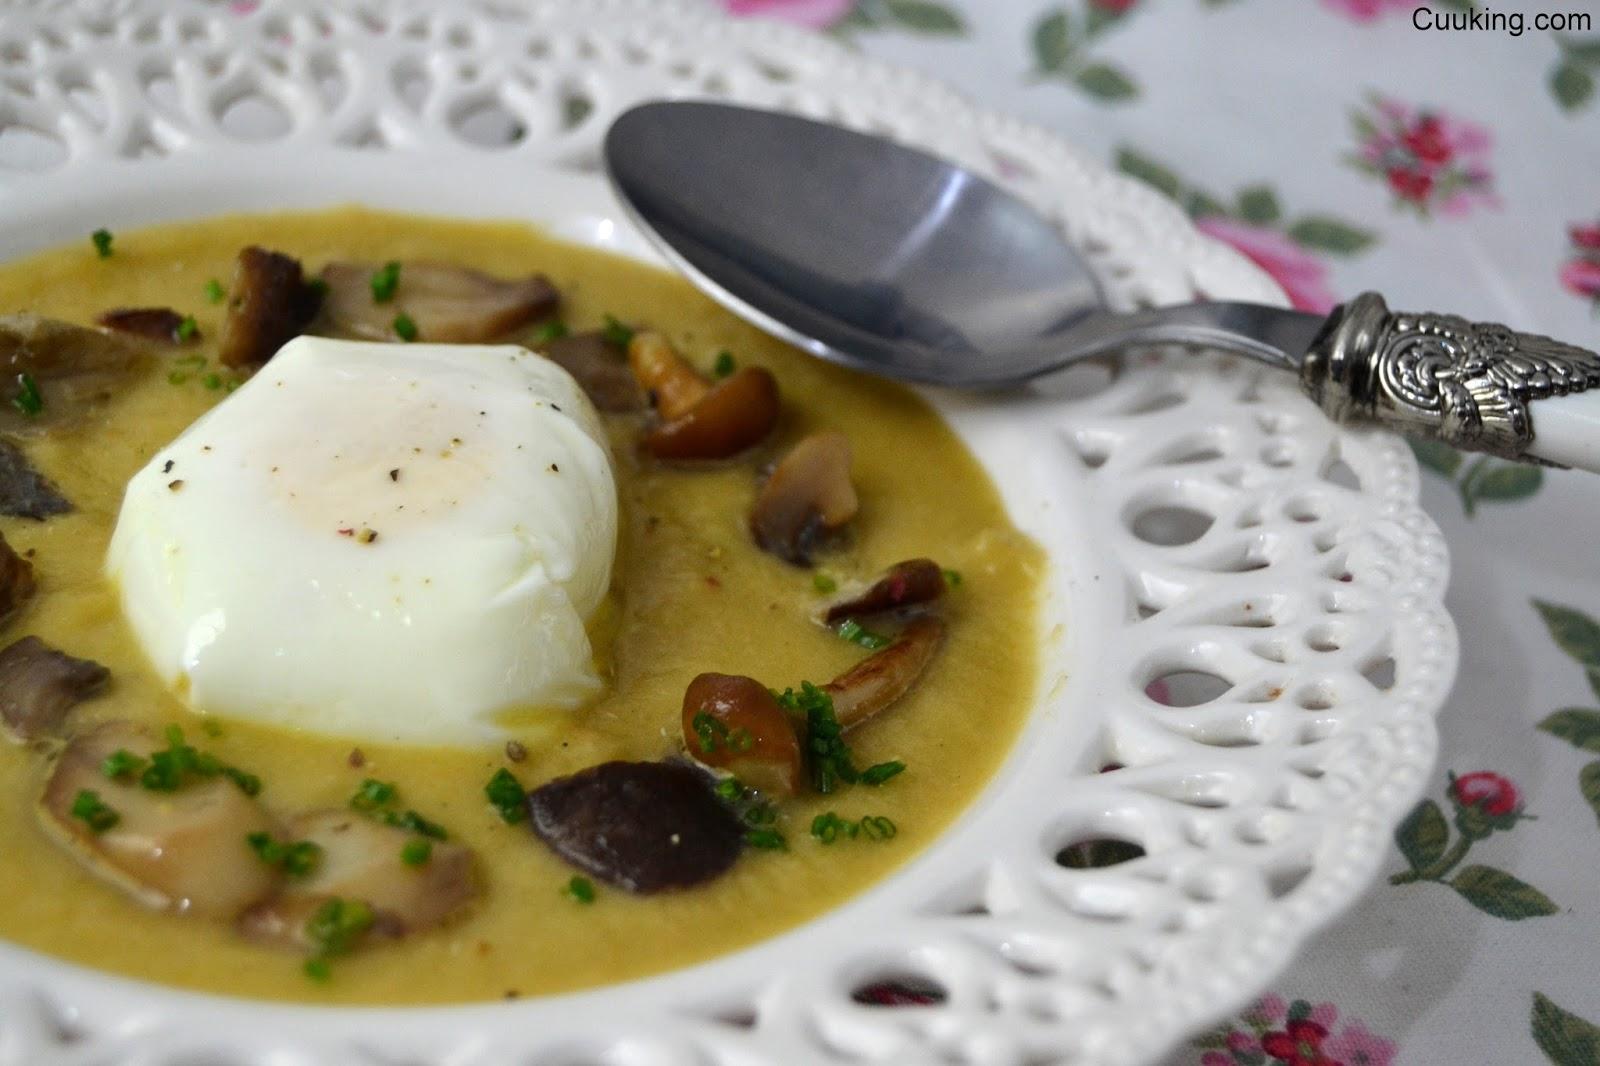 Crema de berenjena a la llama huevo poch y setas for Llama en la cocina